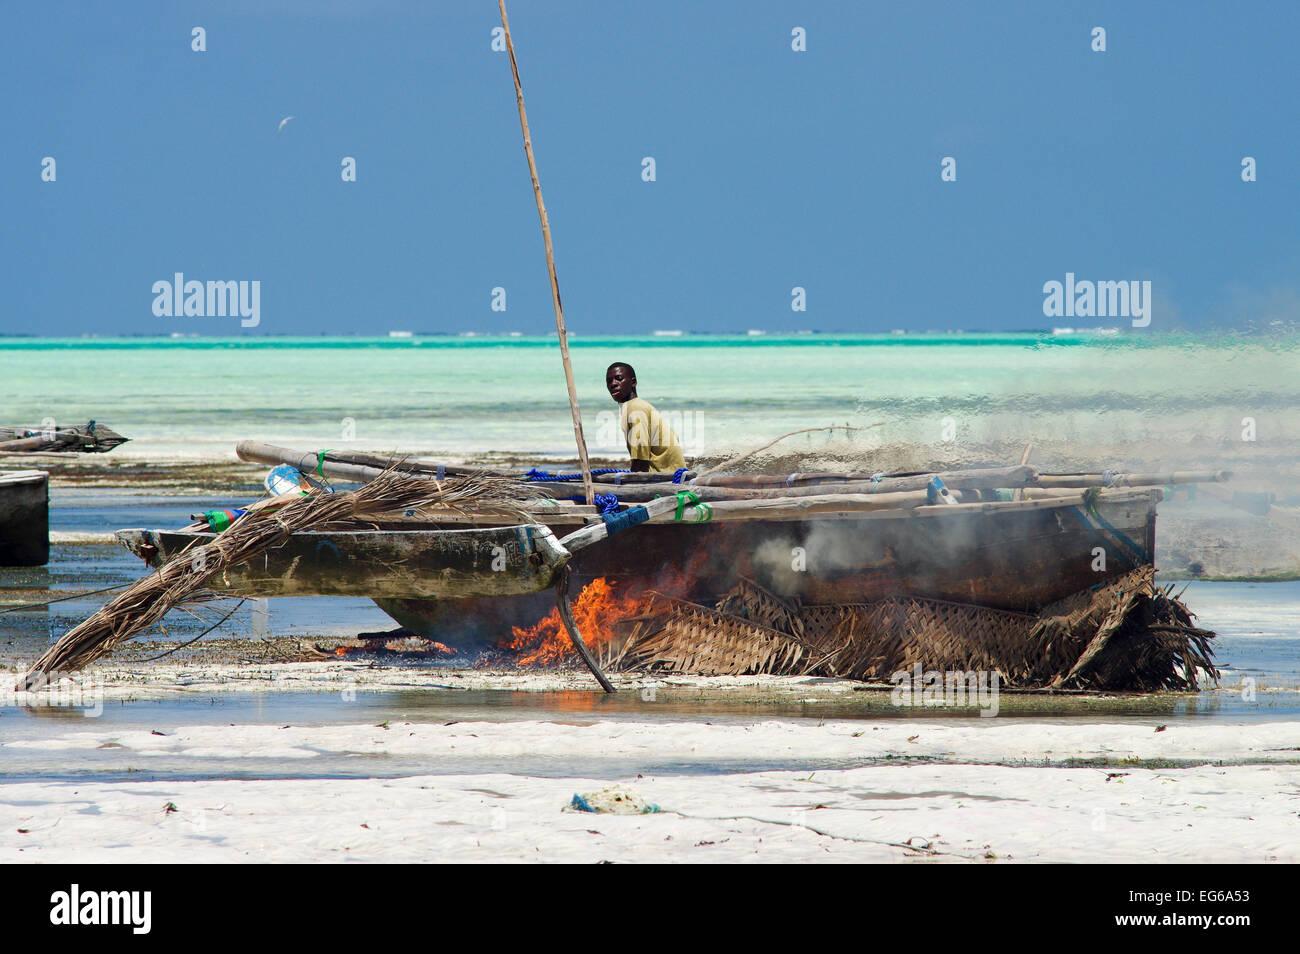 Dhow maintenance in Zanzibar - Stock Image